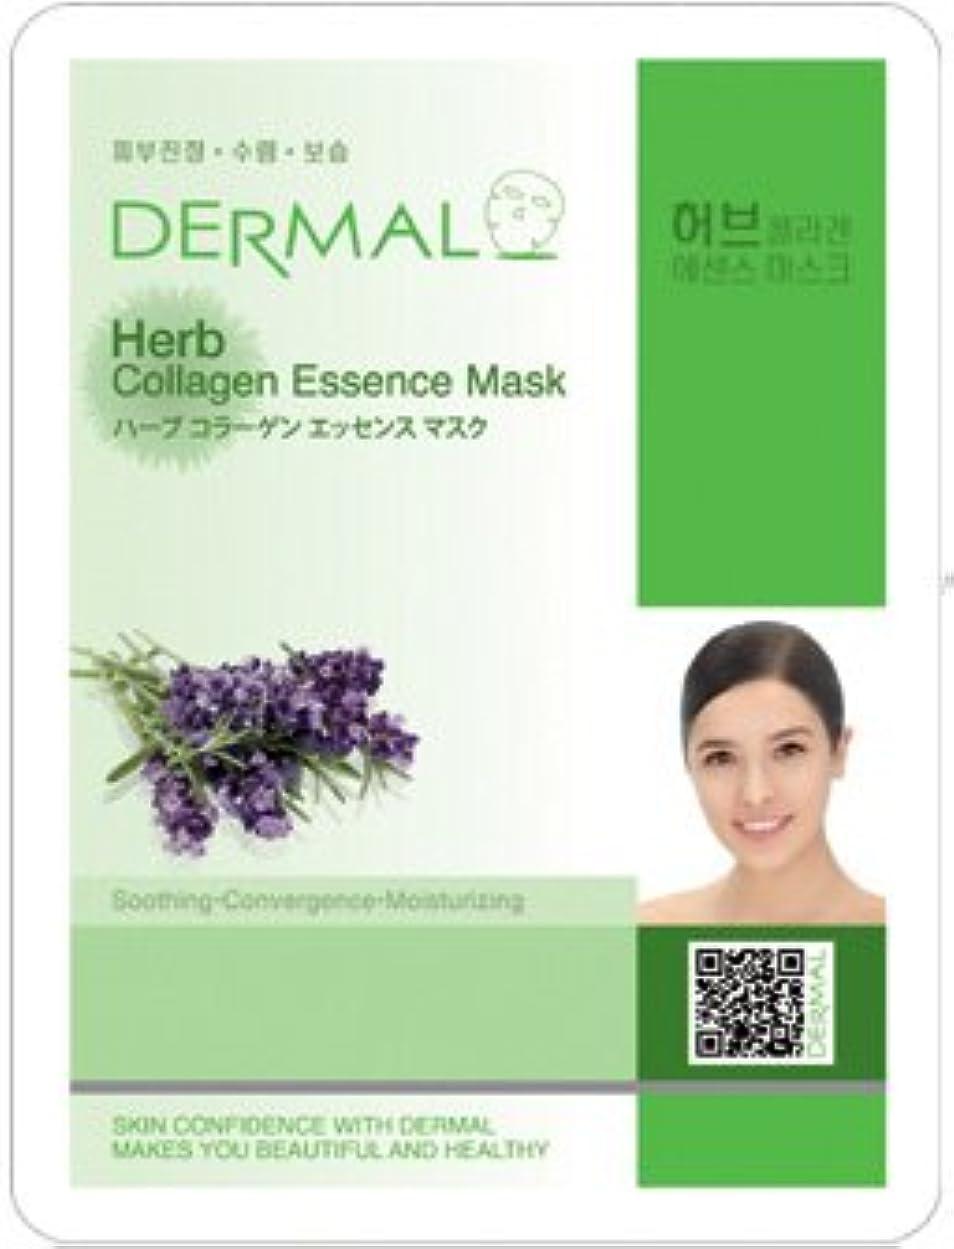 辞書指定誰でもシートマスク ハーブ 10枚セット ダーマル(Dermal) フェイス パック